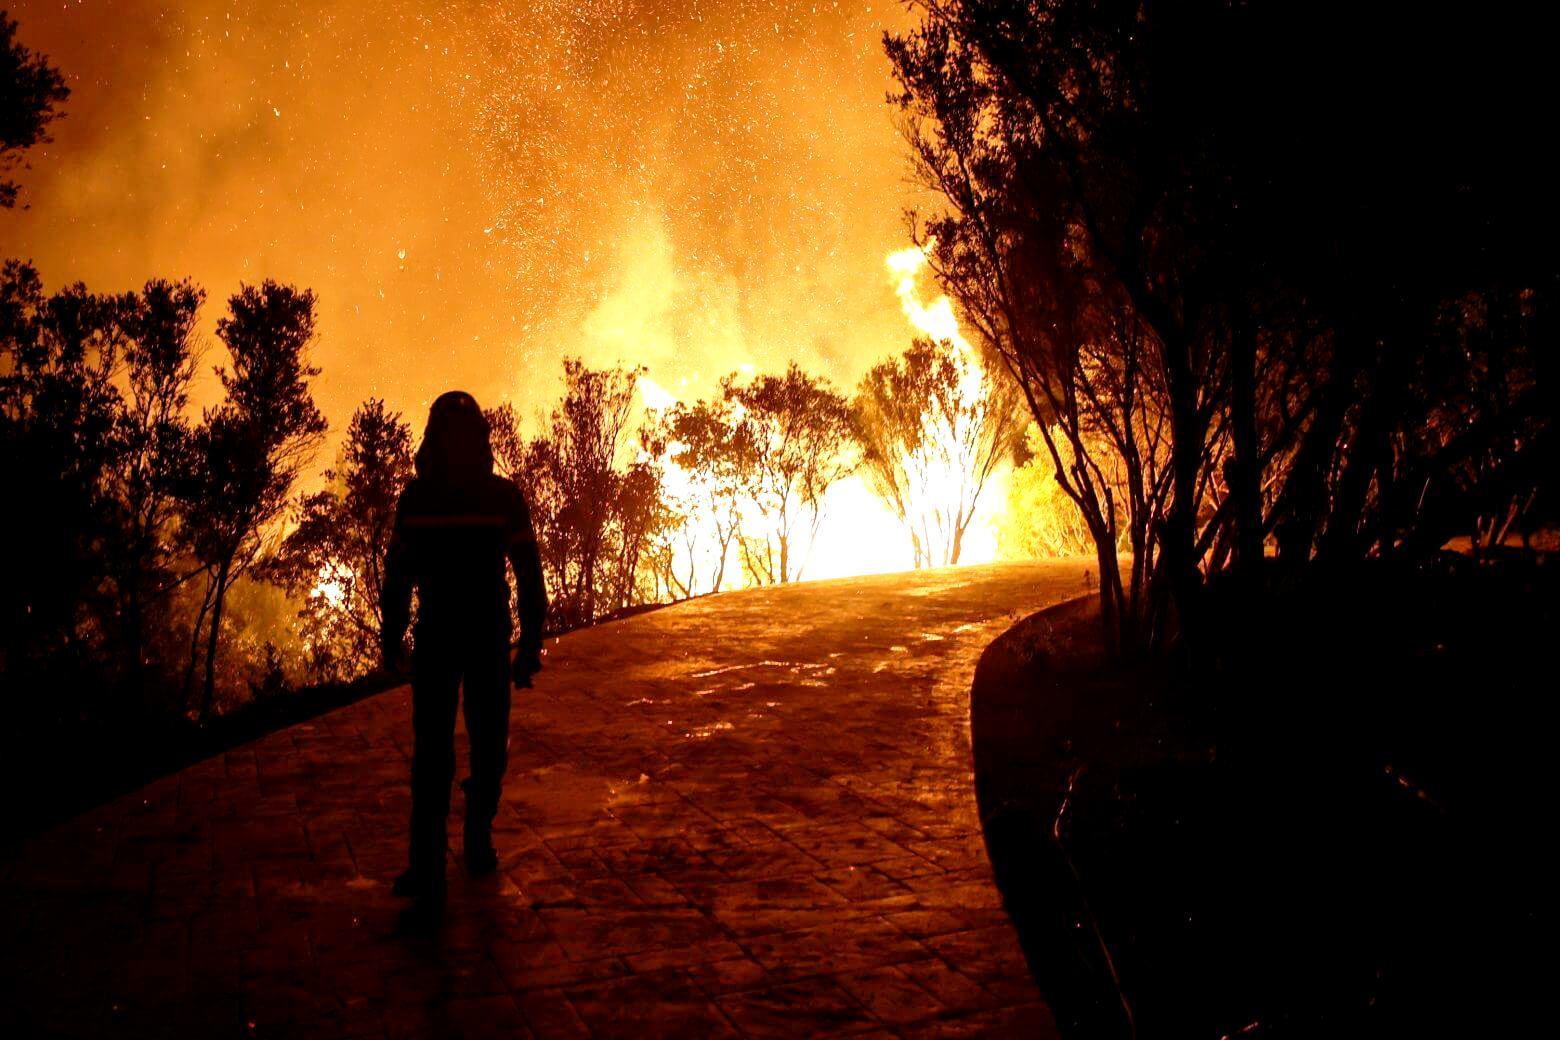 Η μεγαλύτερη οικολογική καταστροφή στην ελληνική ιστορία και οι συνέπειές της